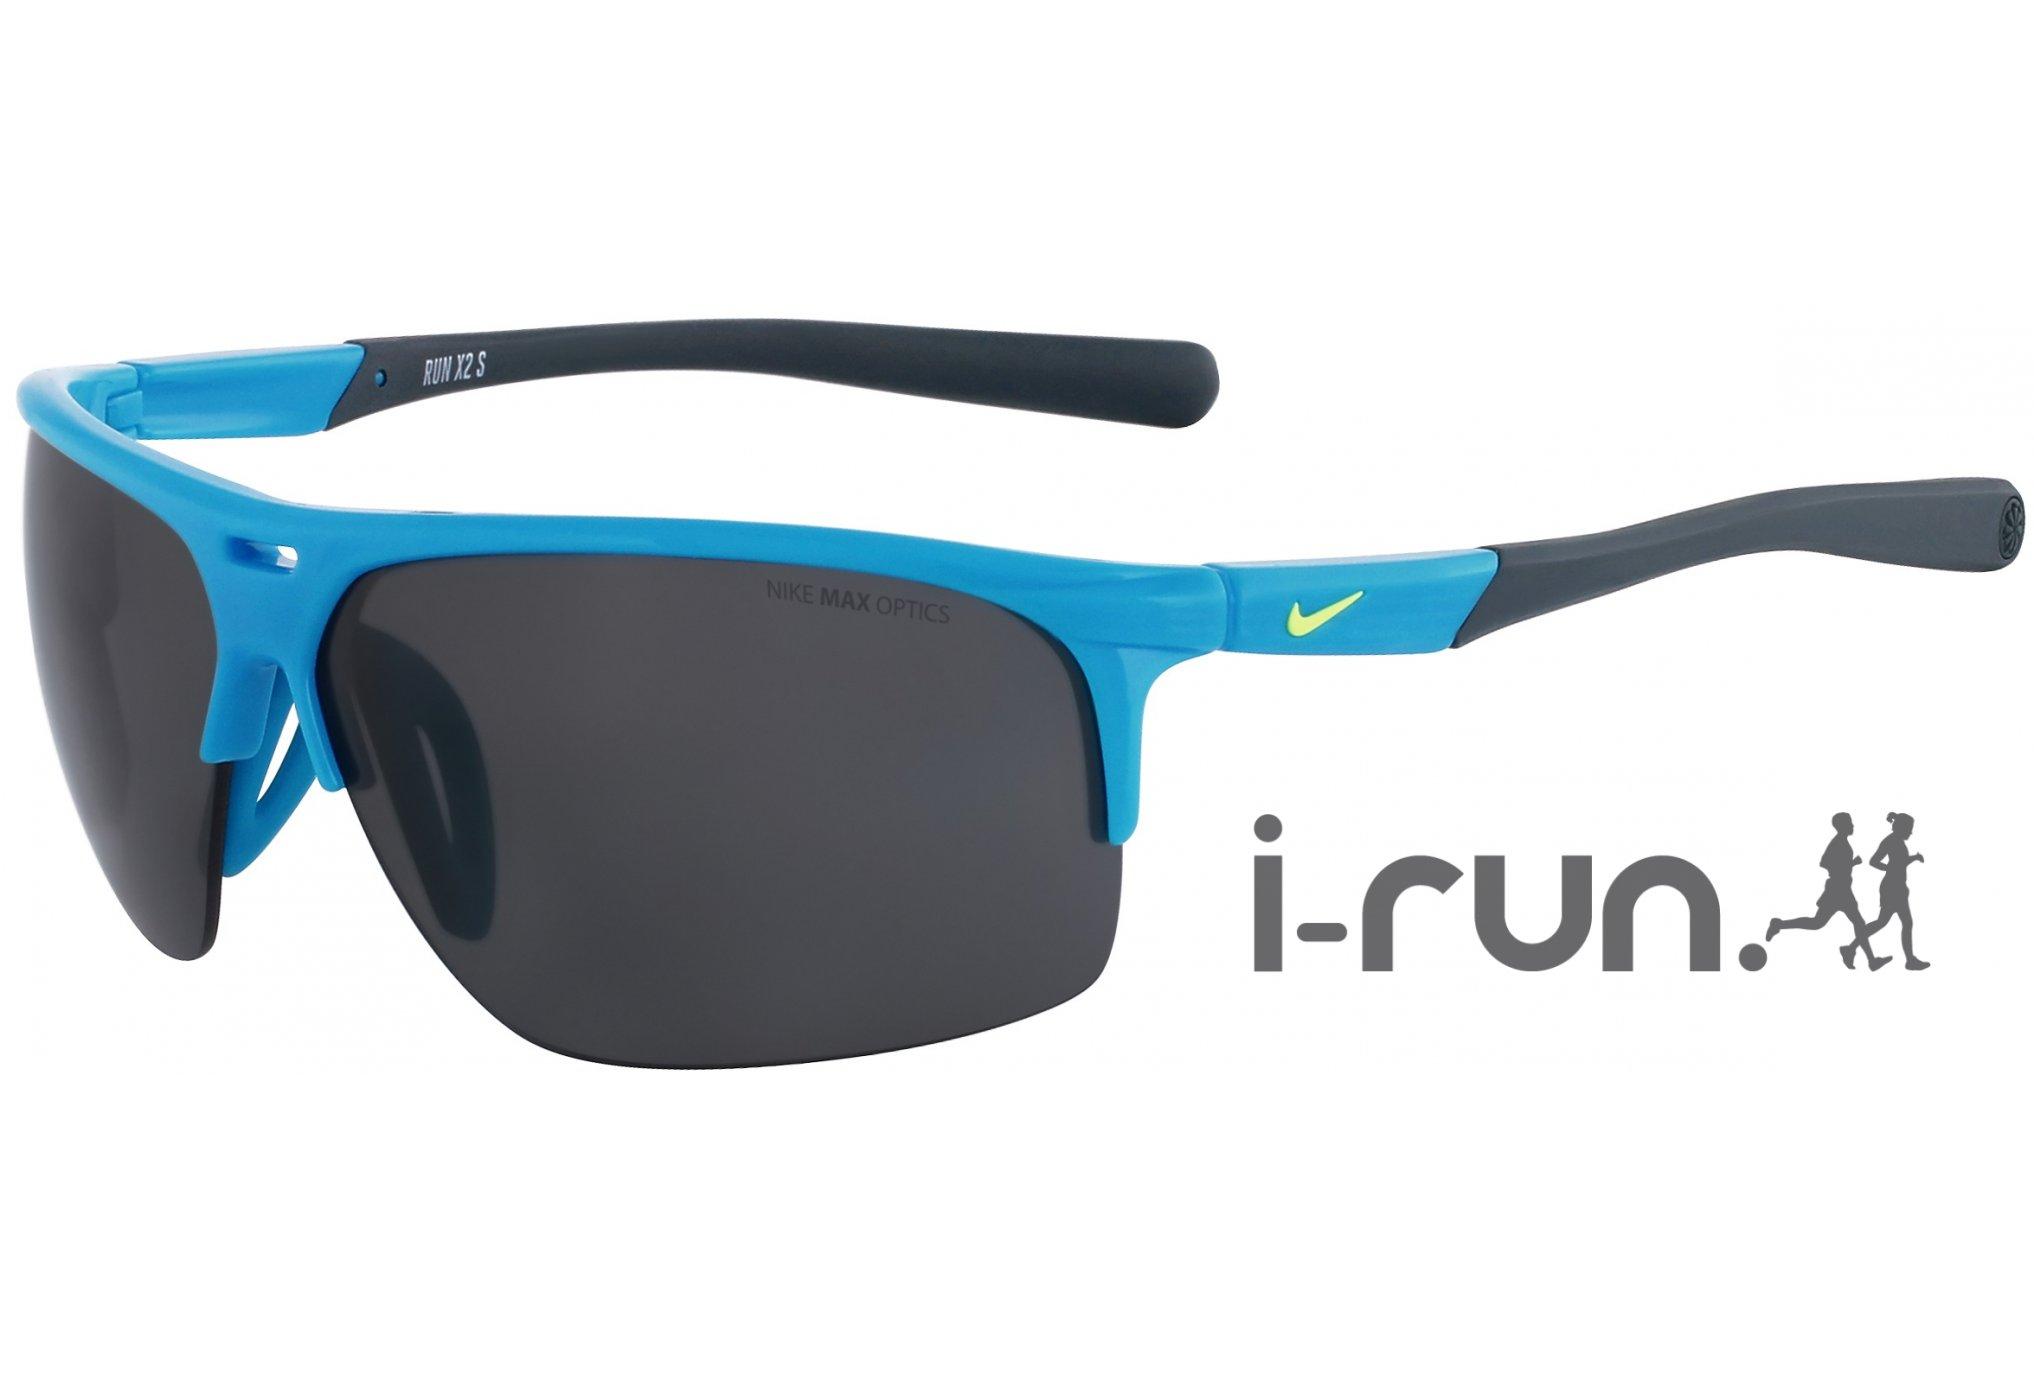 Resathlon - Nike Lunettes de soleil Skylon Ace XV JR Lunettes b7f15a63e817